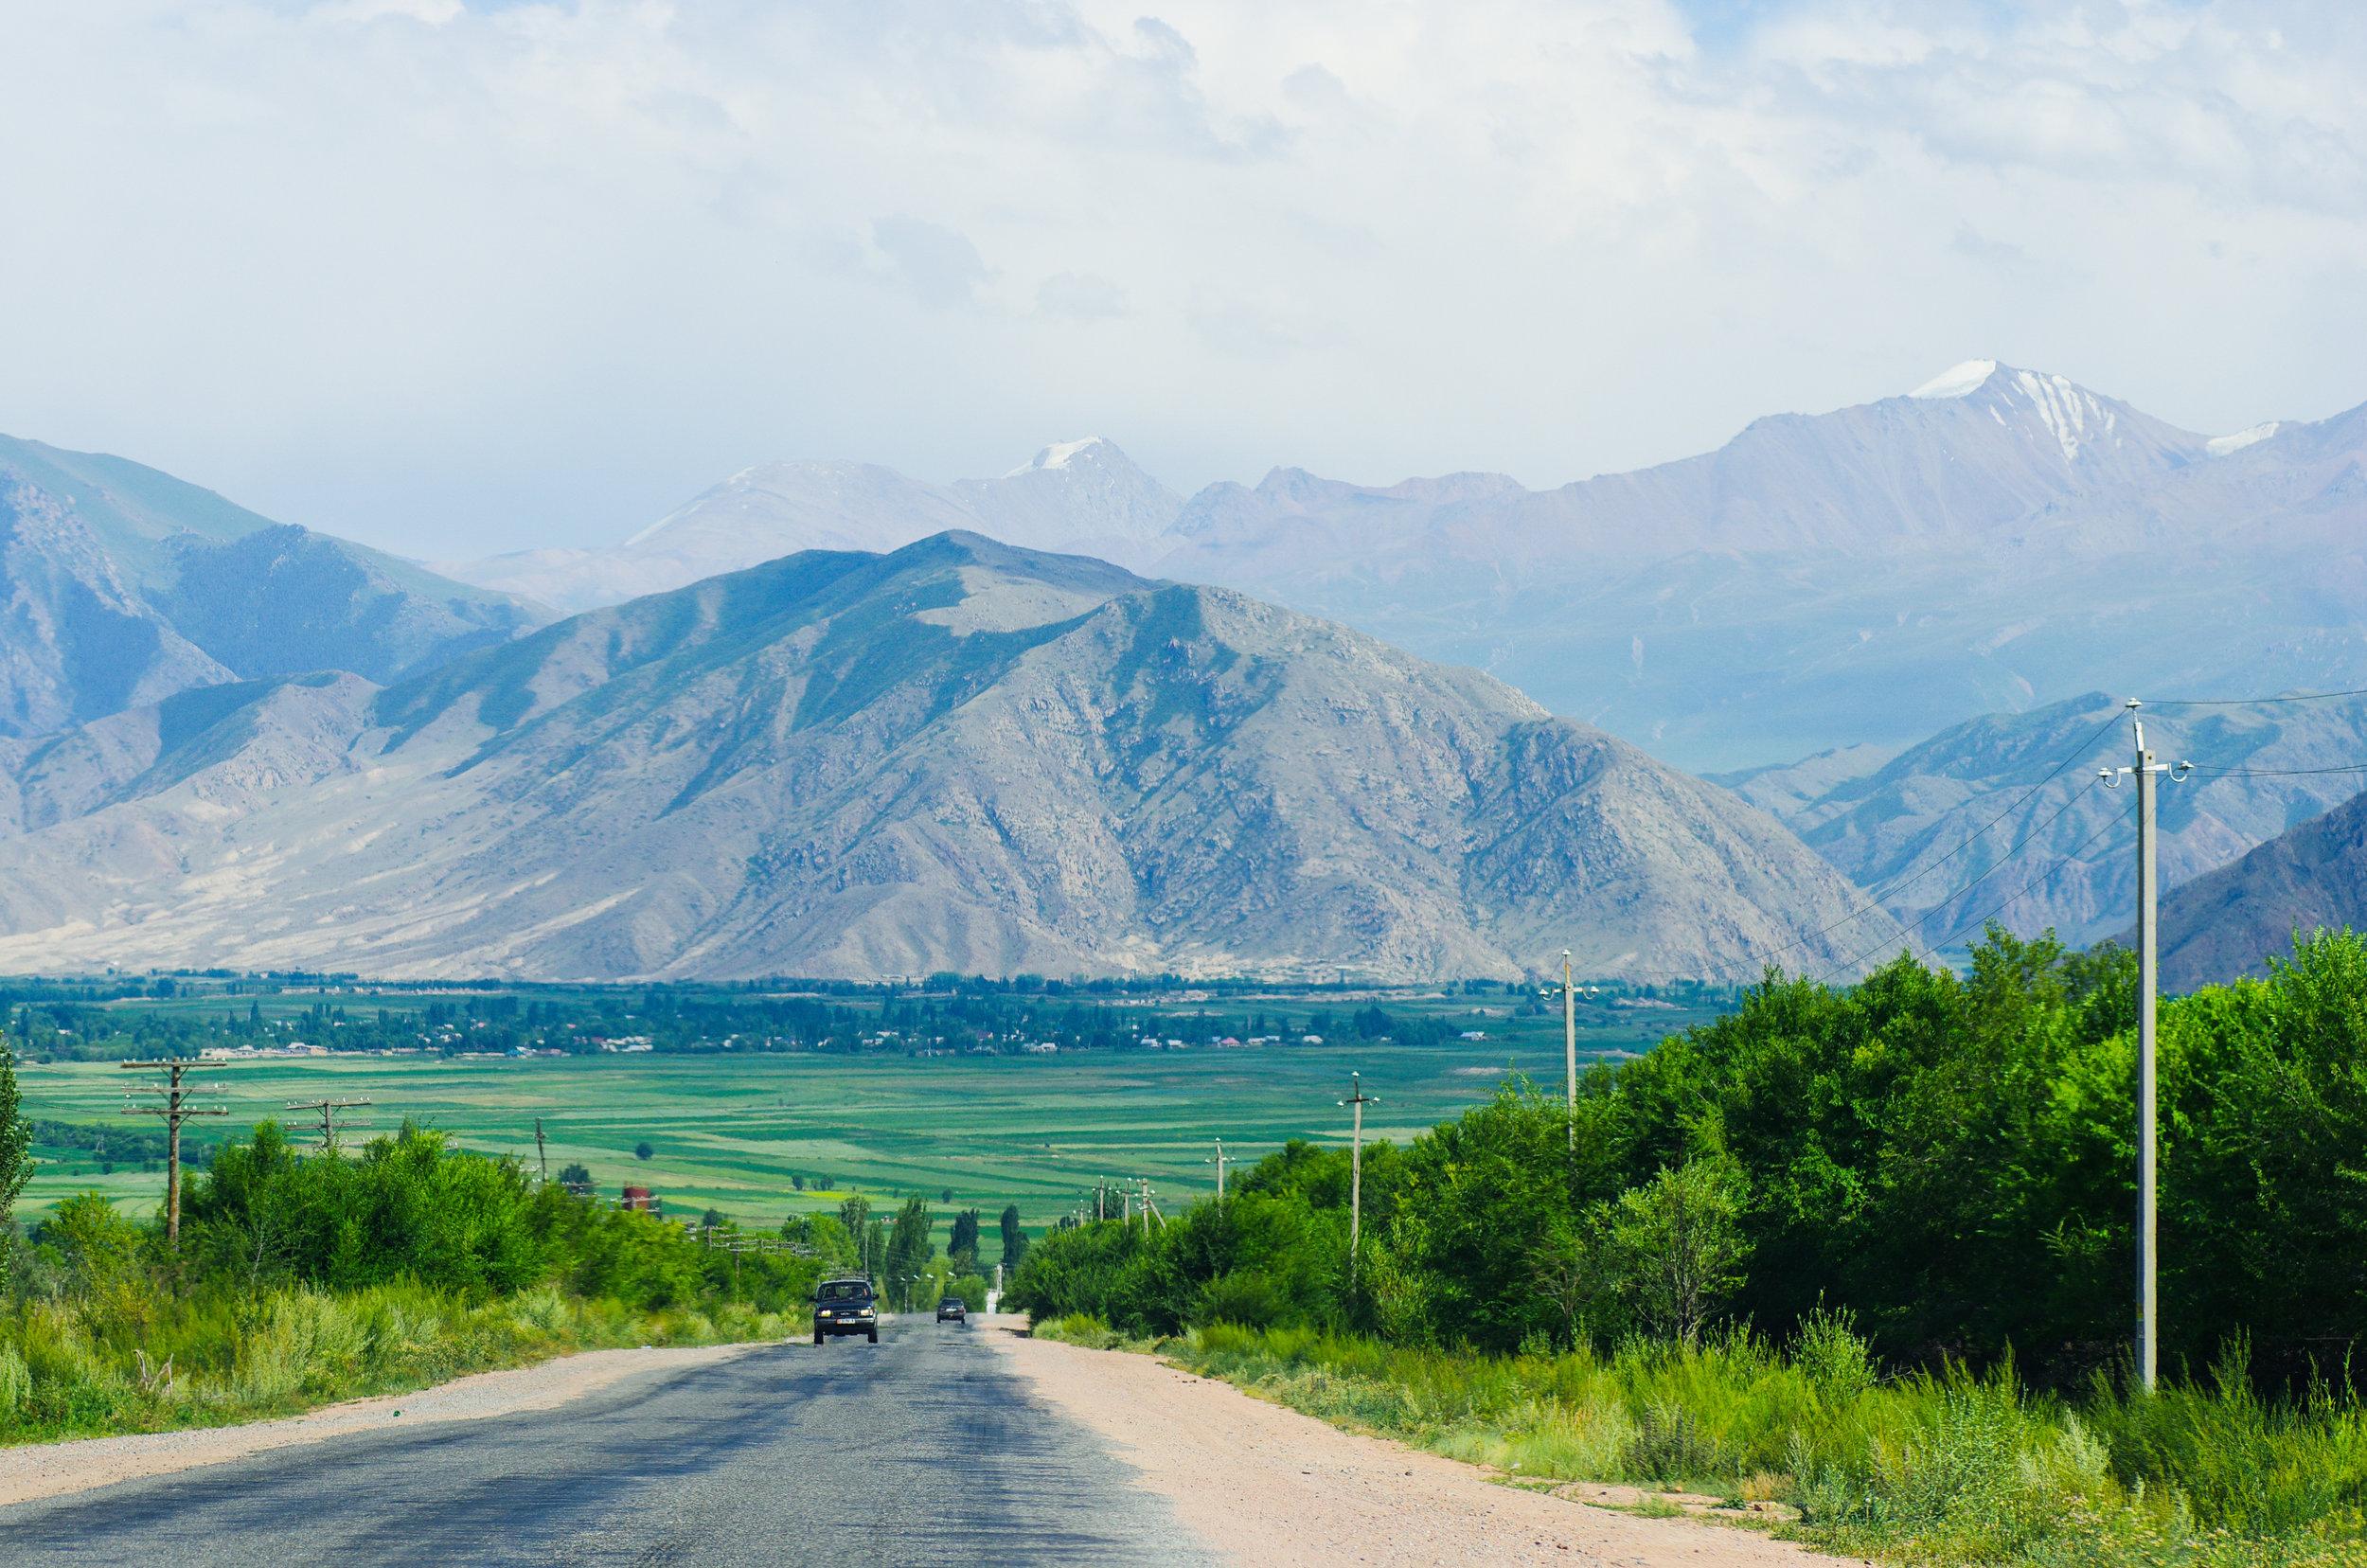 kyrgyzstan-bigstock-Road-Near-Issyk-Kul-Lake-In-K-231815887.jpg